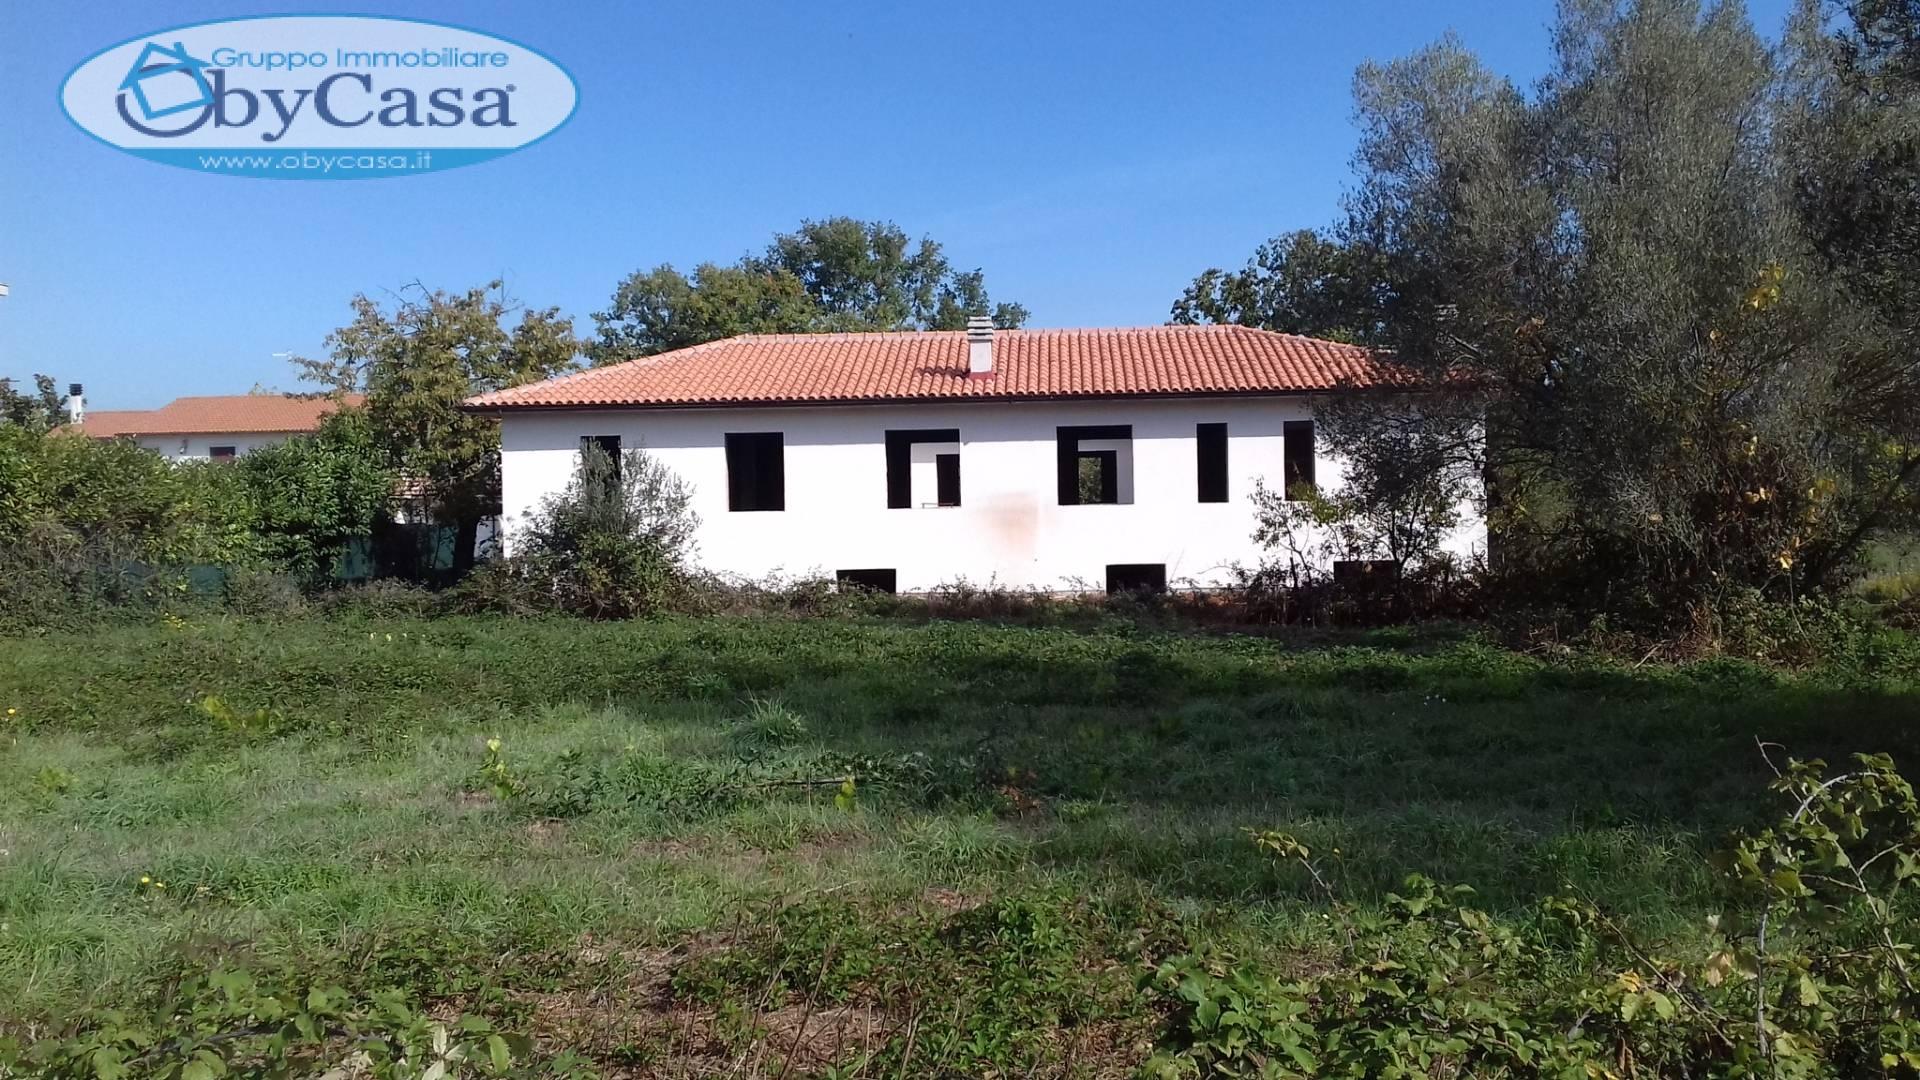 Terreno Edificabile Residenziale in vendita a Barbarano Romano, 9999 locali, prezzo € 69.000 | CambioCasa.it